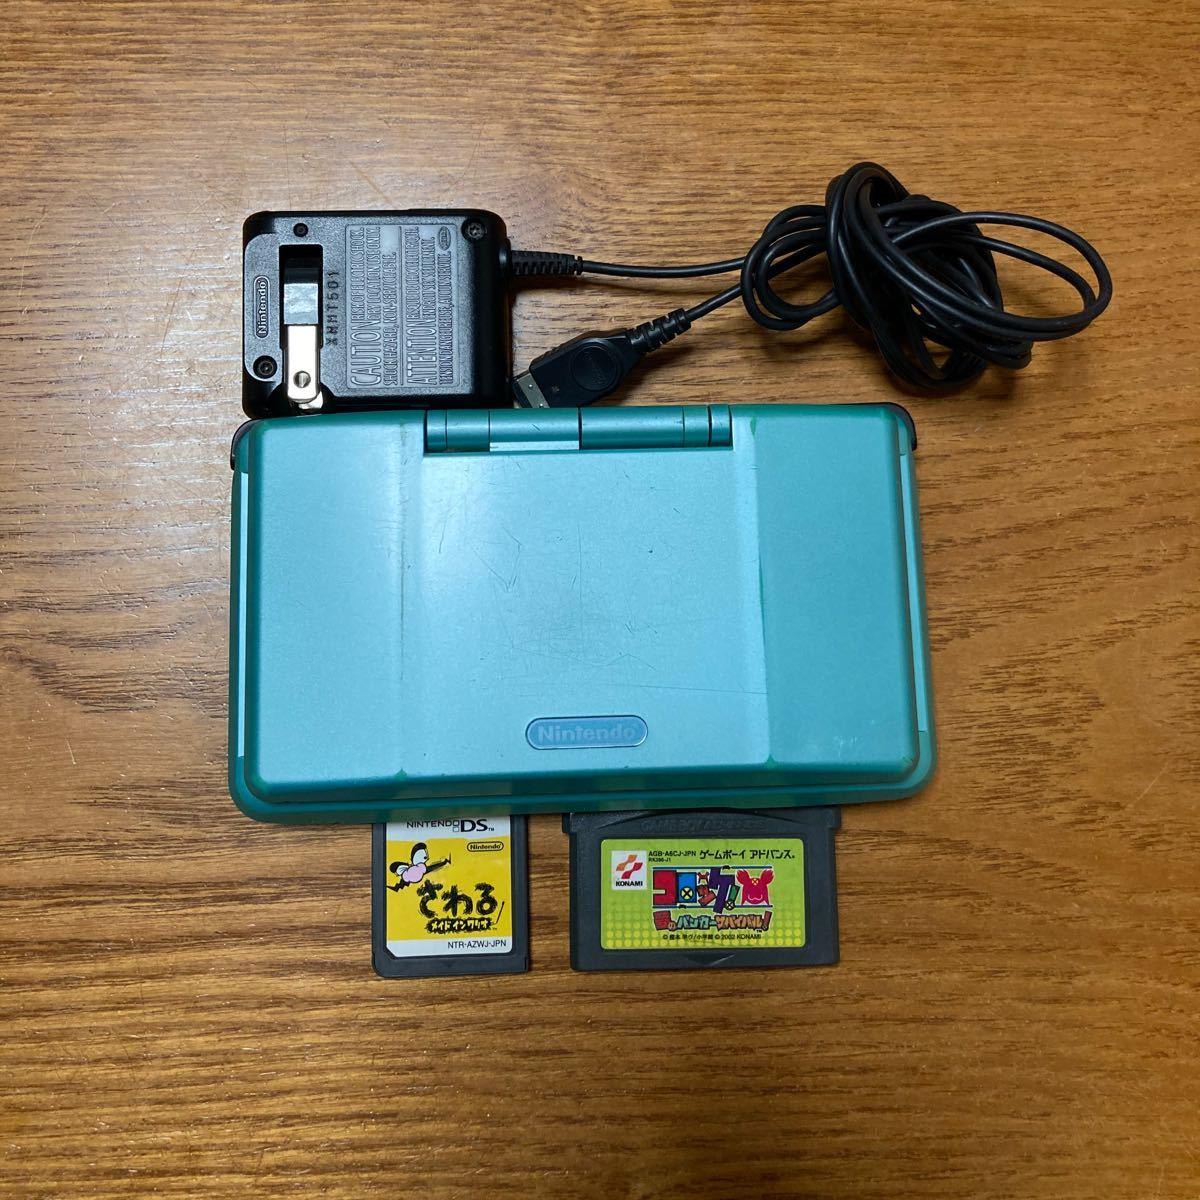 DS アドバンス ゲーム 任天堂 ニンテンドーDS   初代 DS  ライトグリーン